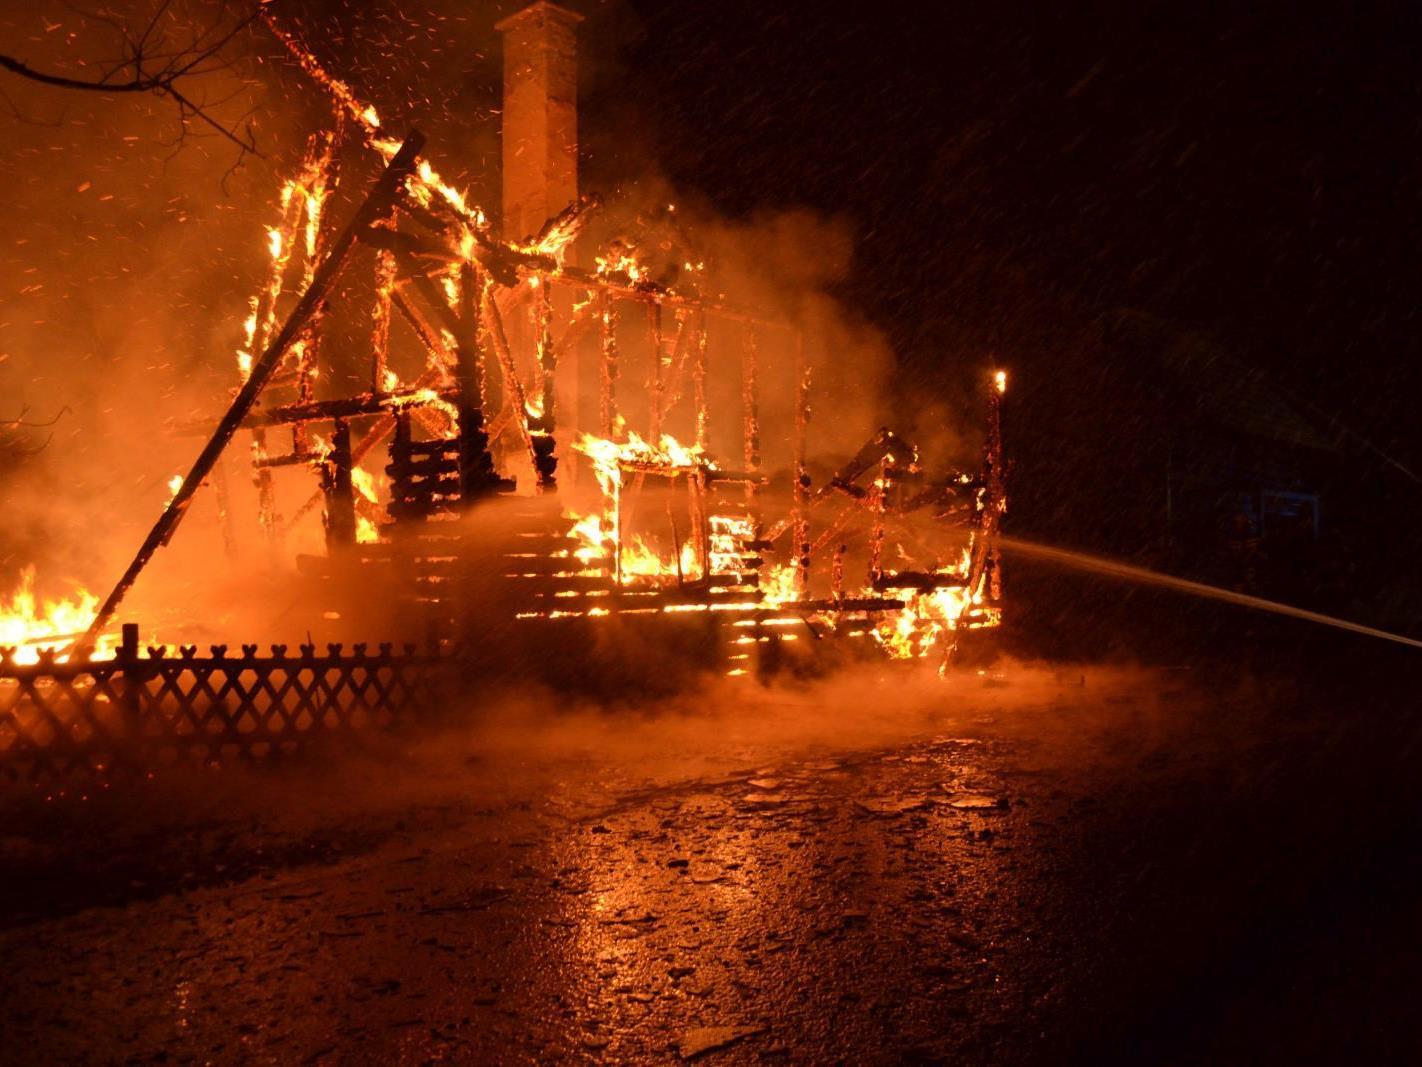 Lichterloh brannte das Holzhaus, als die Feuerwehren eintrafen.